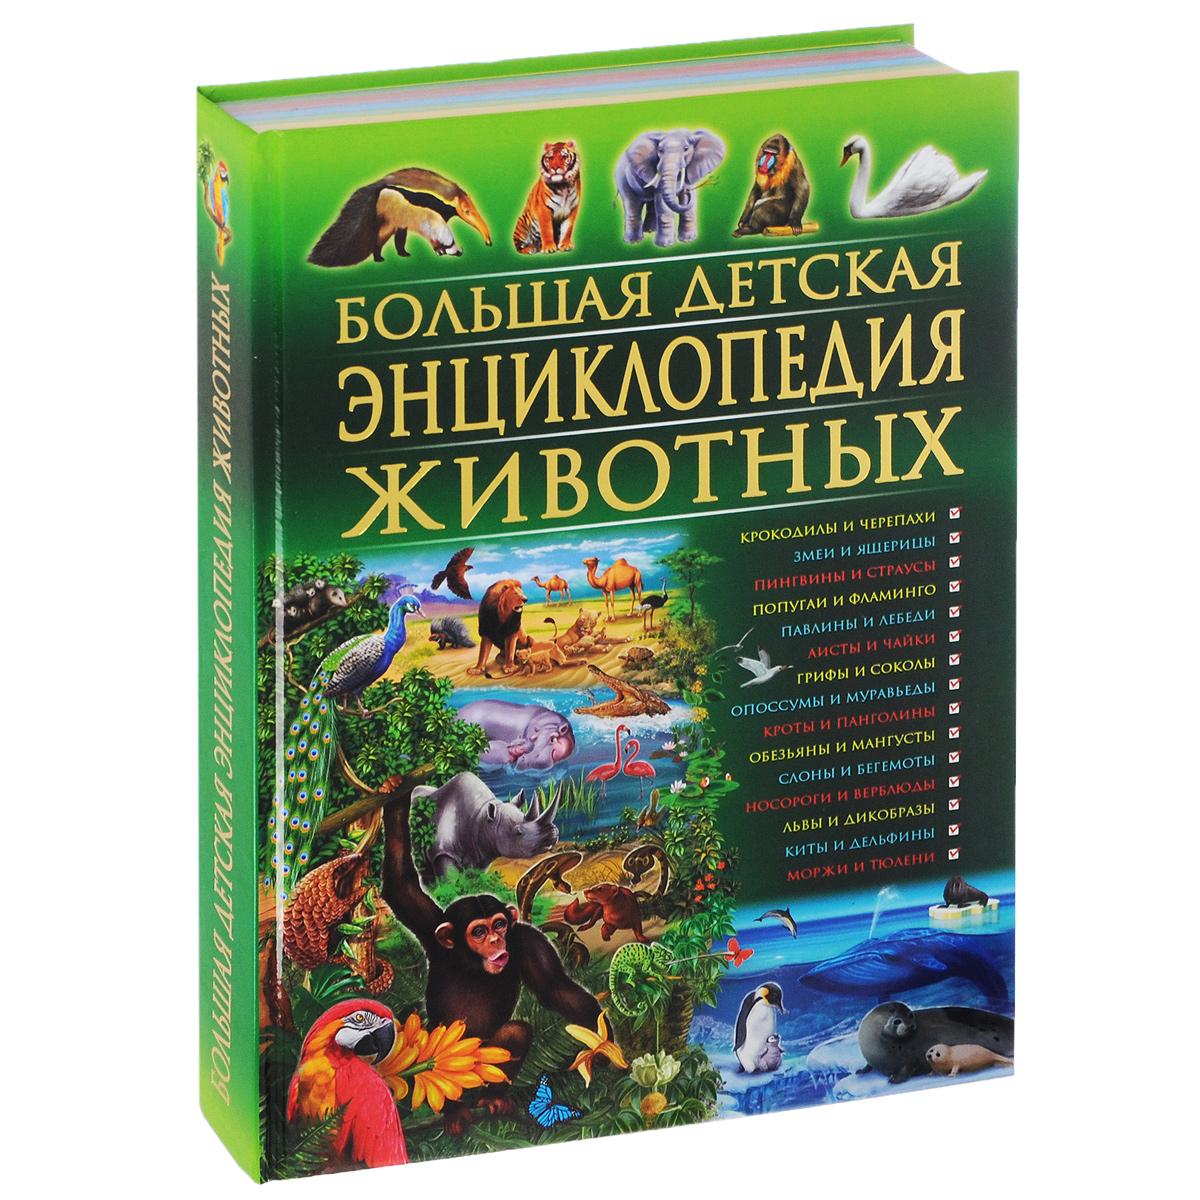 Т. Скиба, С. Рублёв Большая детская энциклопедия животных